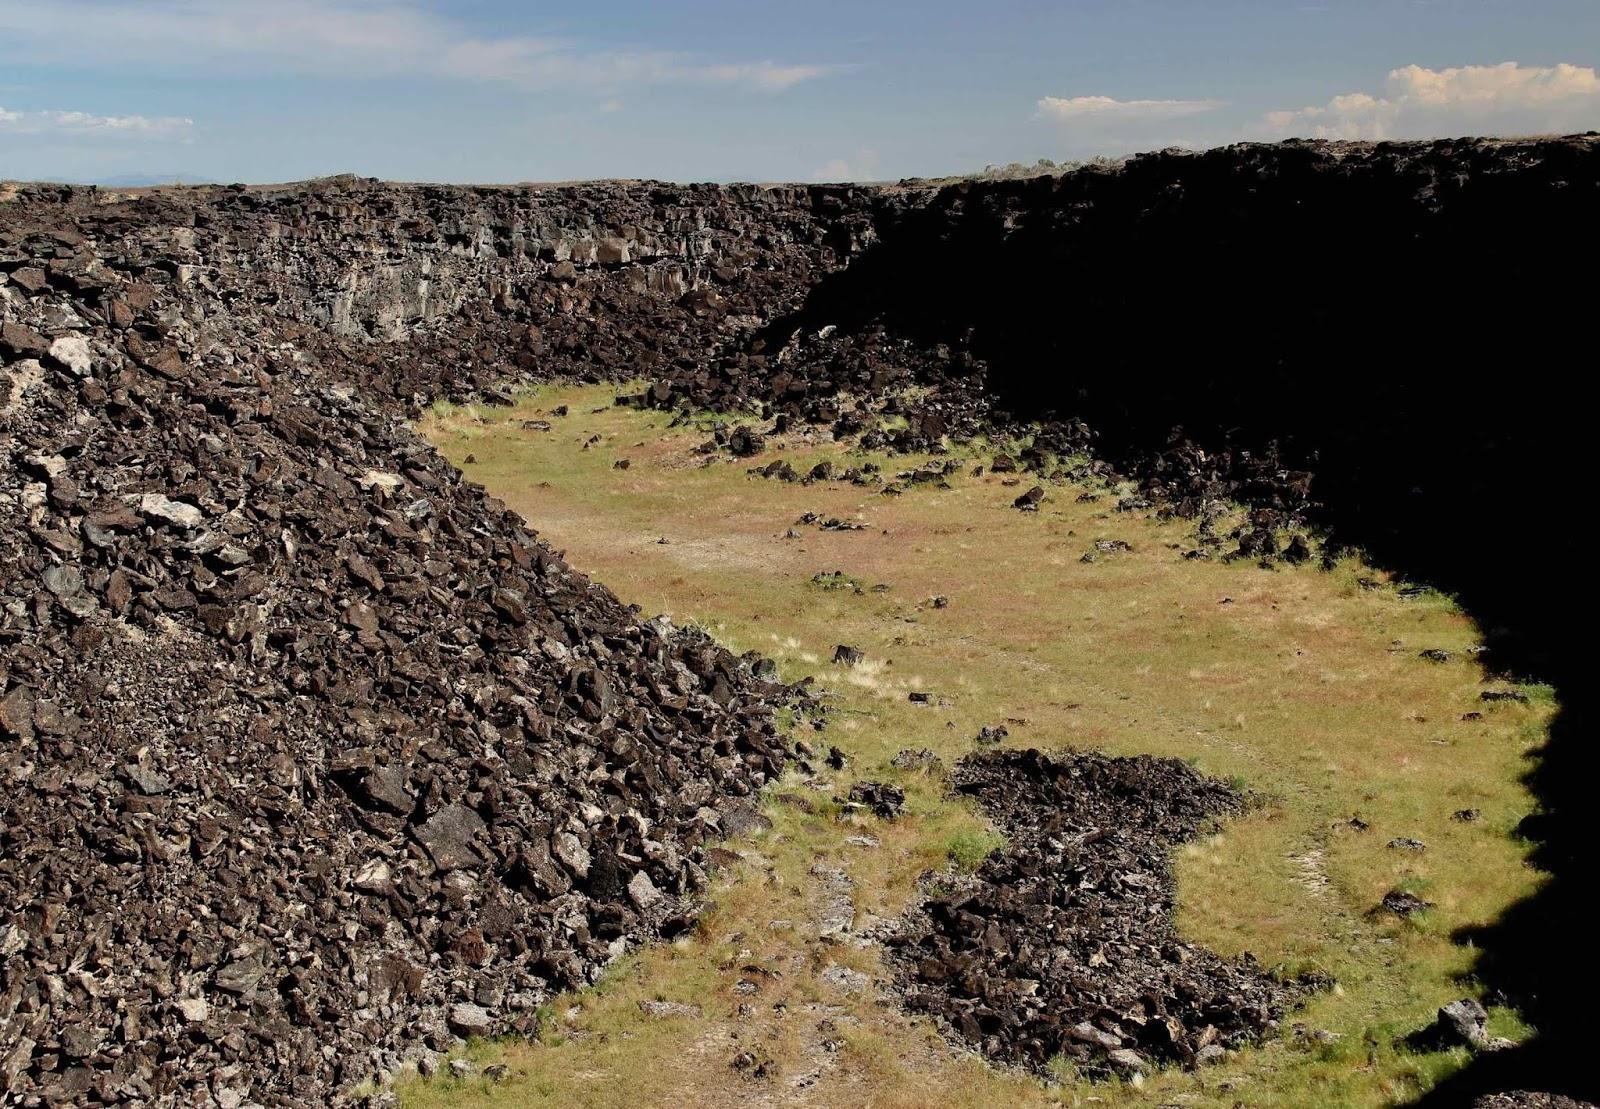 Аномальные землетрясения в США намекнули на скрытую активность древних вулканов